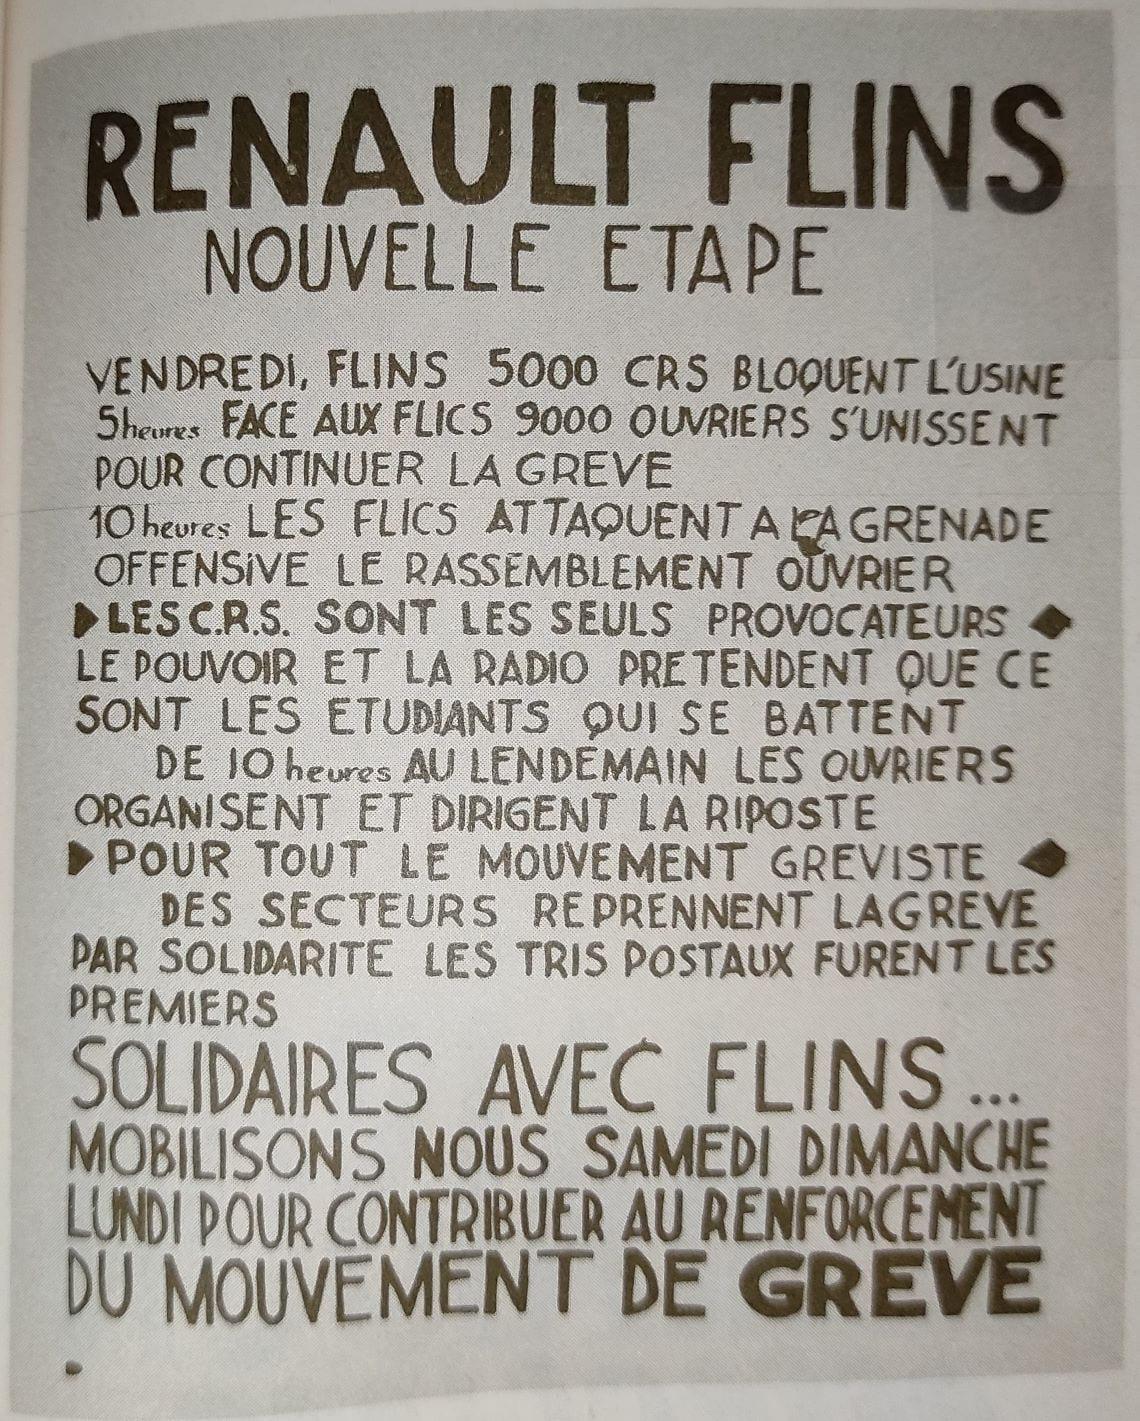 Renault Flins, nouvelle étape